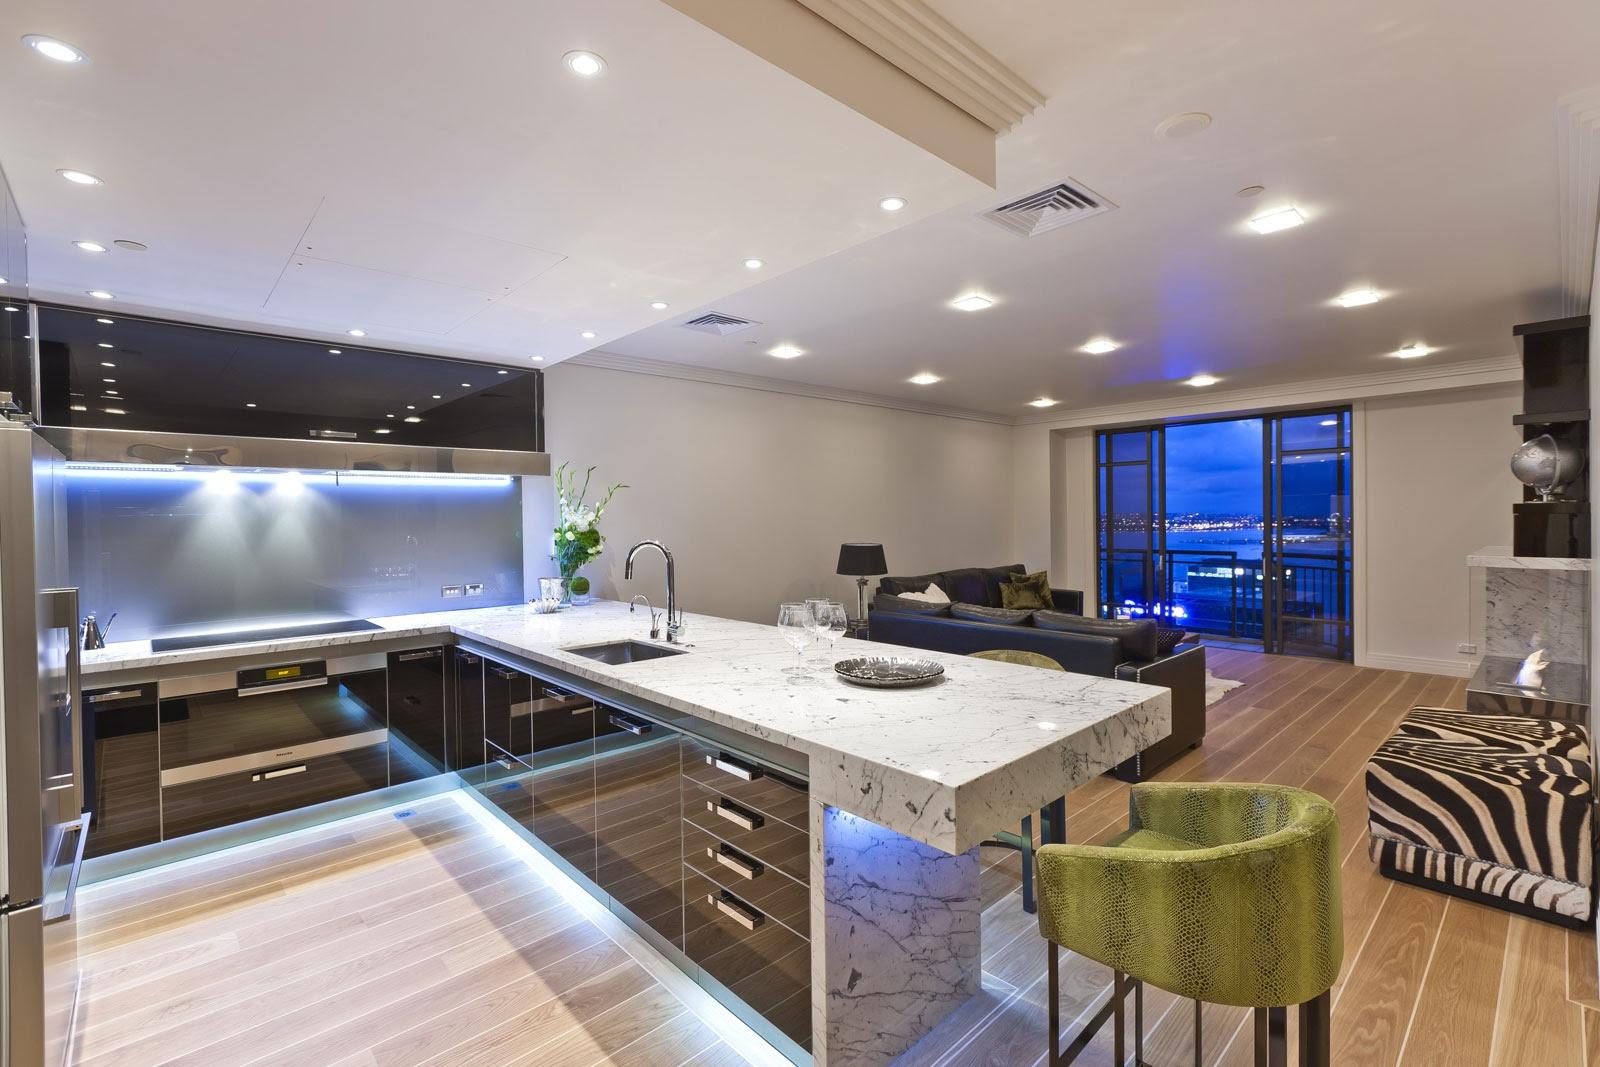 Luxury Modern Kitcheninterior Design Ideas